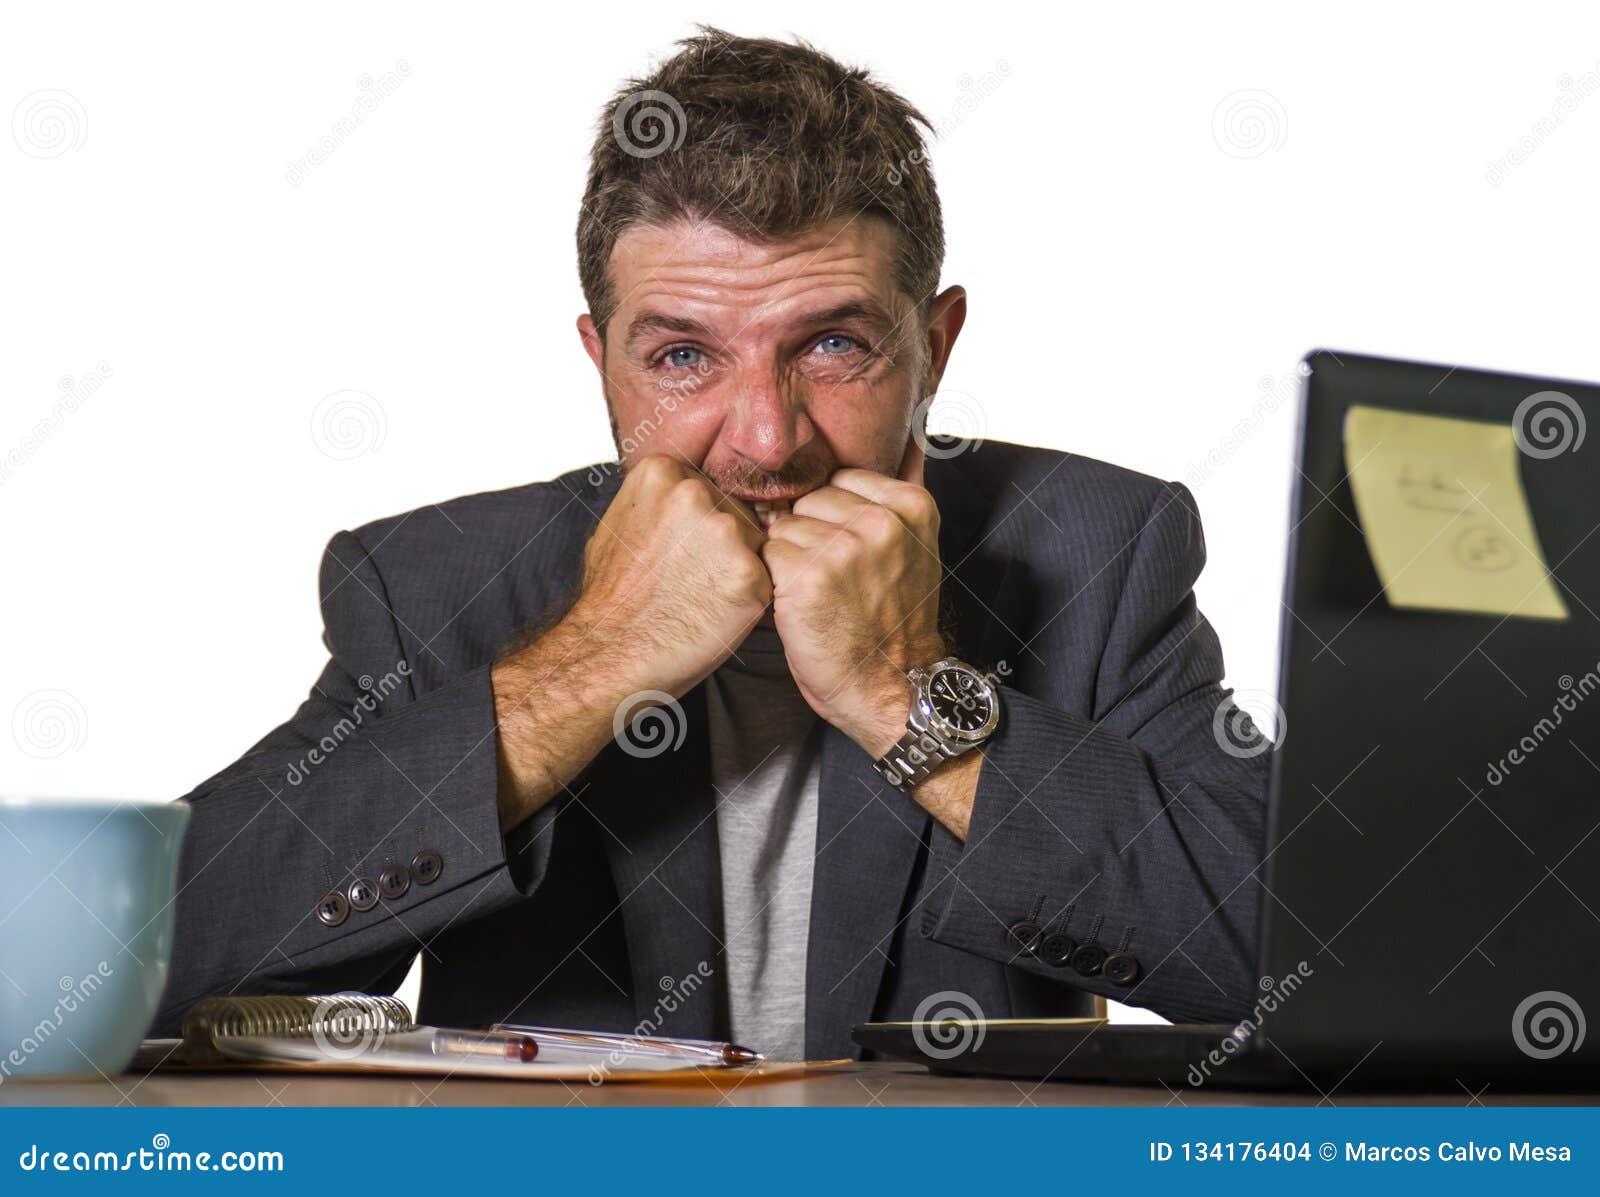 Sfrustowany mężczyzna pracuje przy komputeru biurka uczucia cierpienia depresją, wzburzonym niepokoju kryzysem wewnątrz desperack